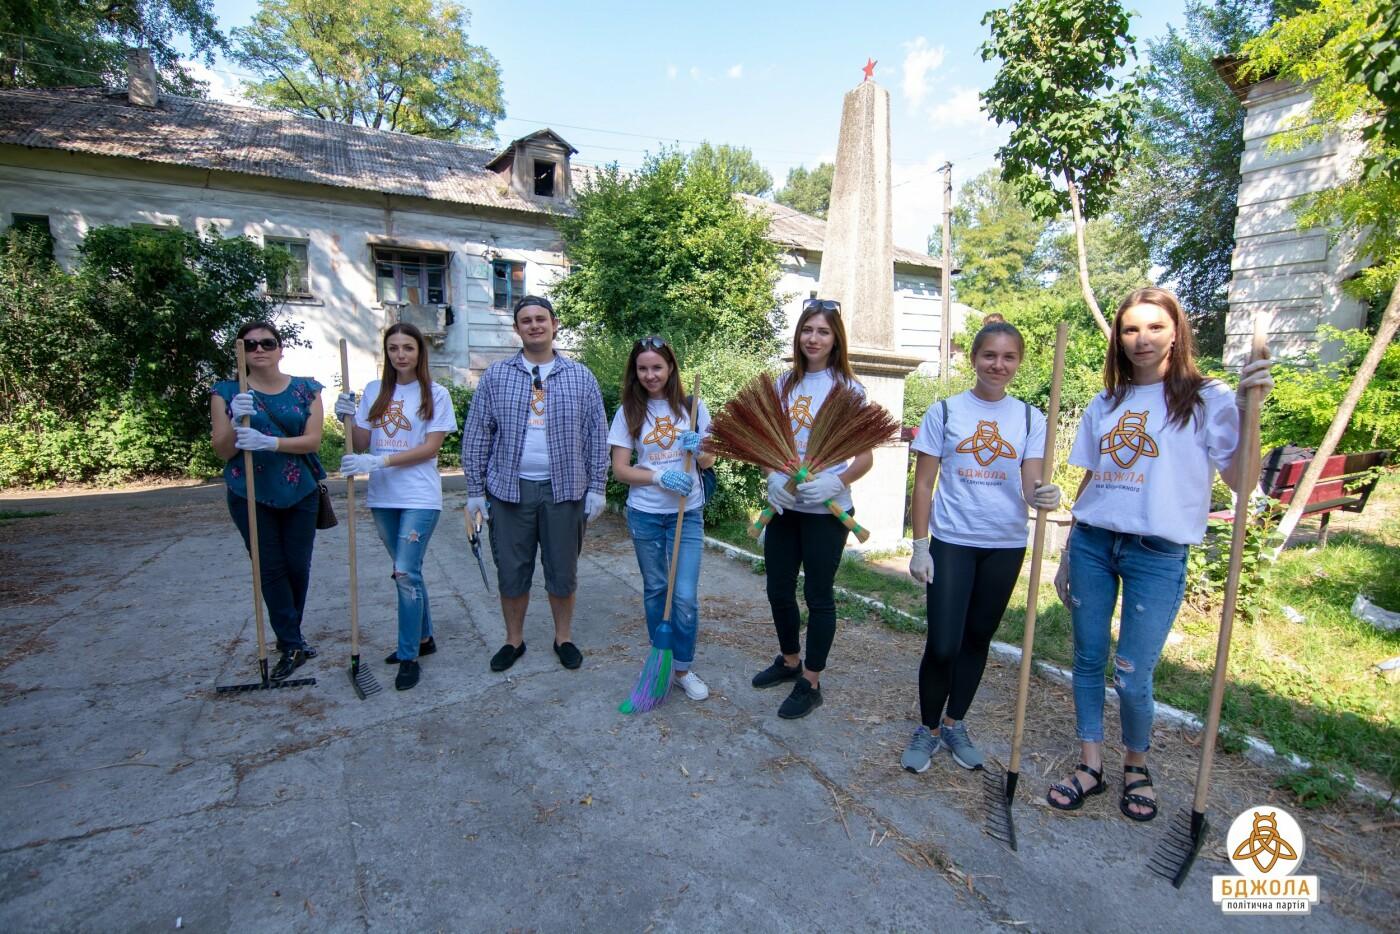 Политическая партия «БДЖОЛА» провела акцию «Мой район», фото-4